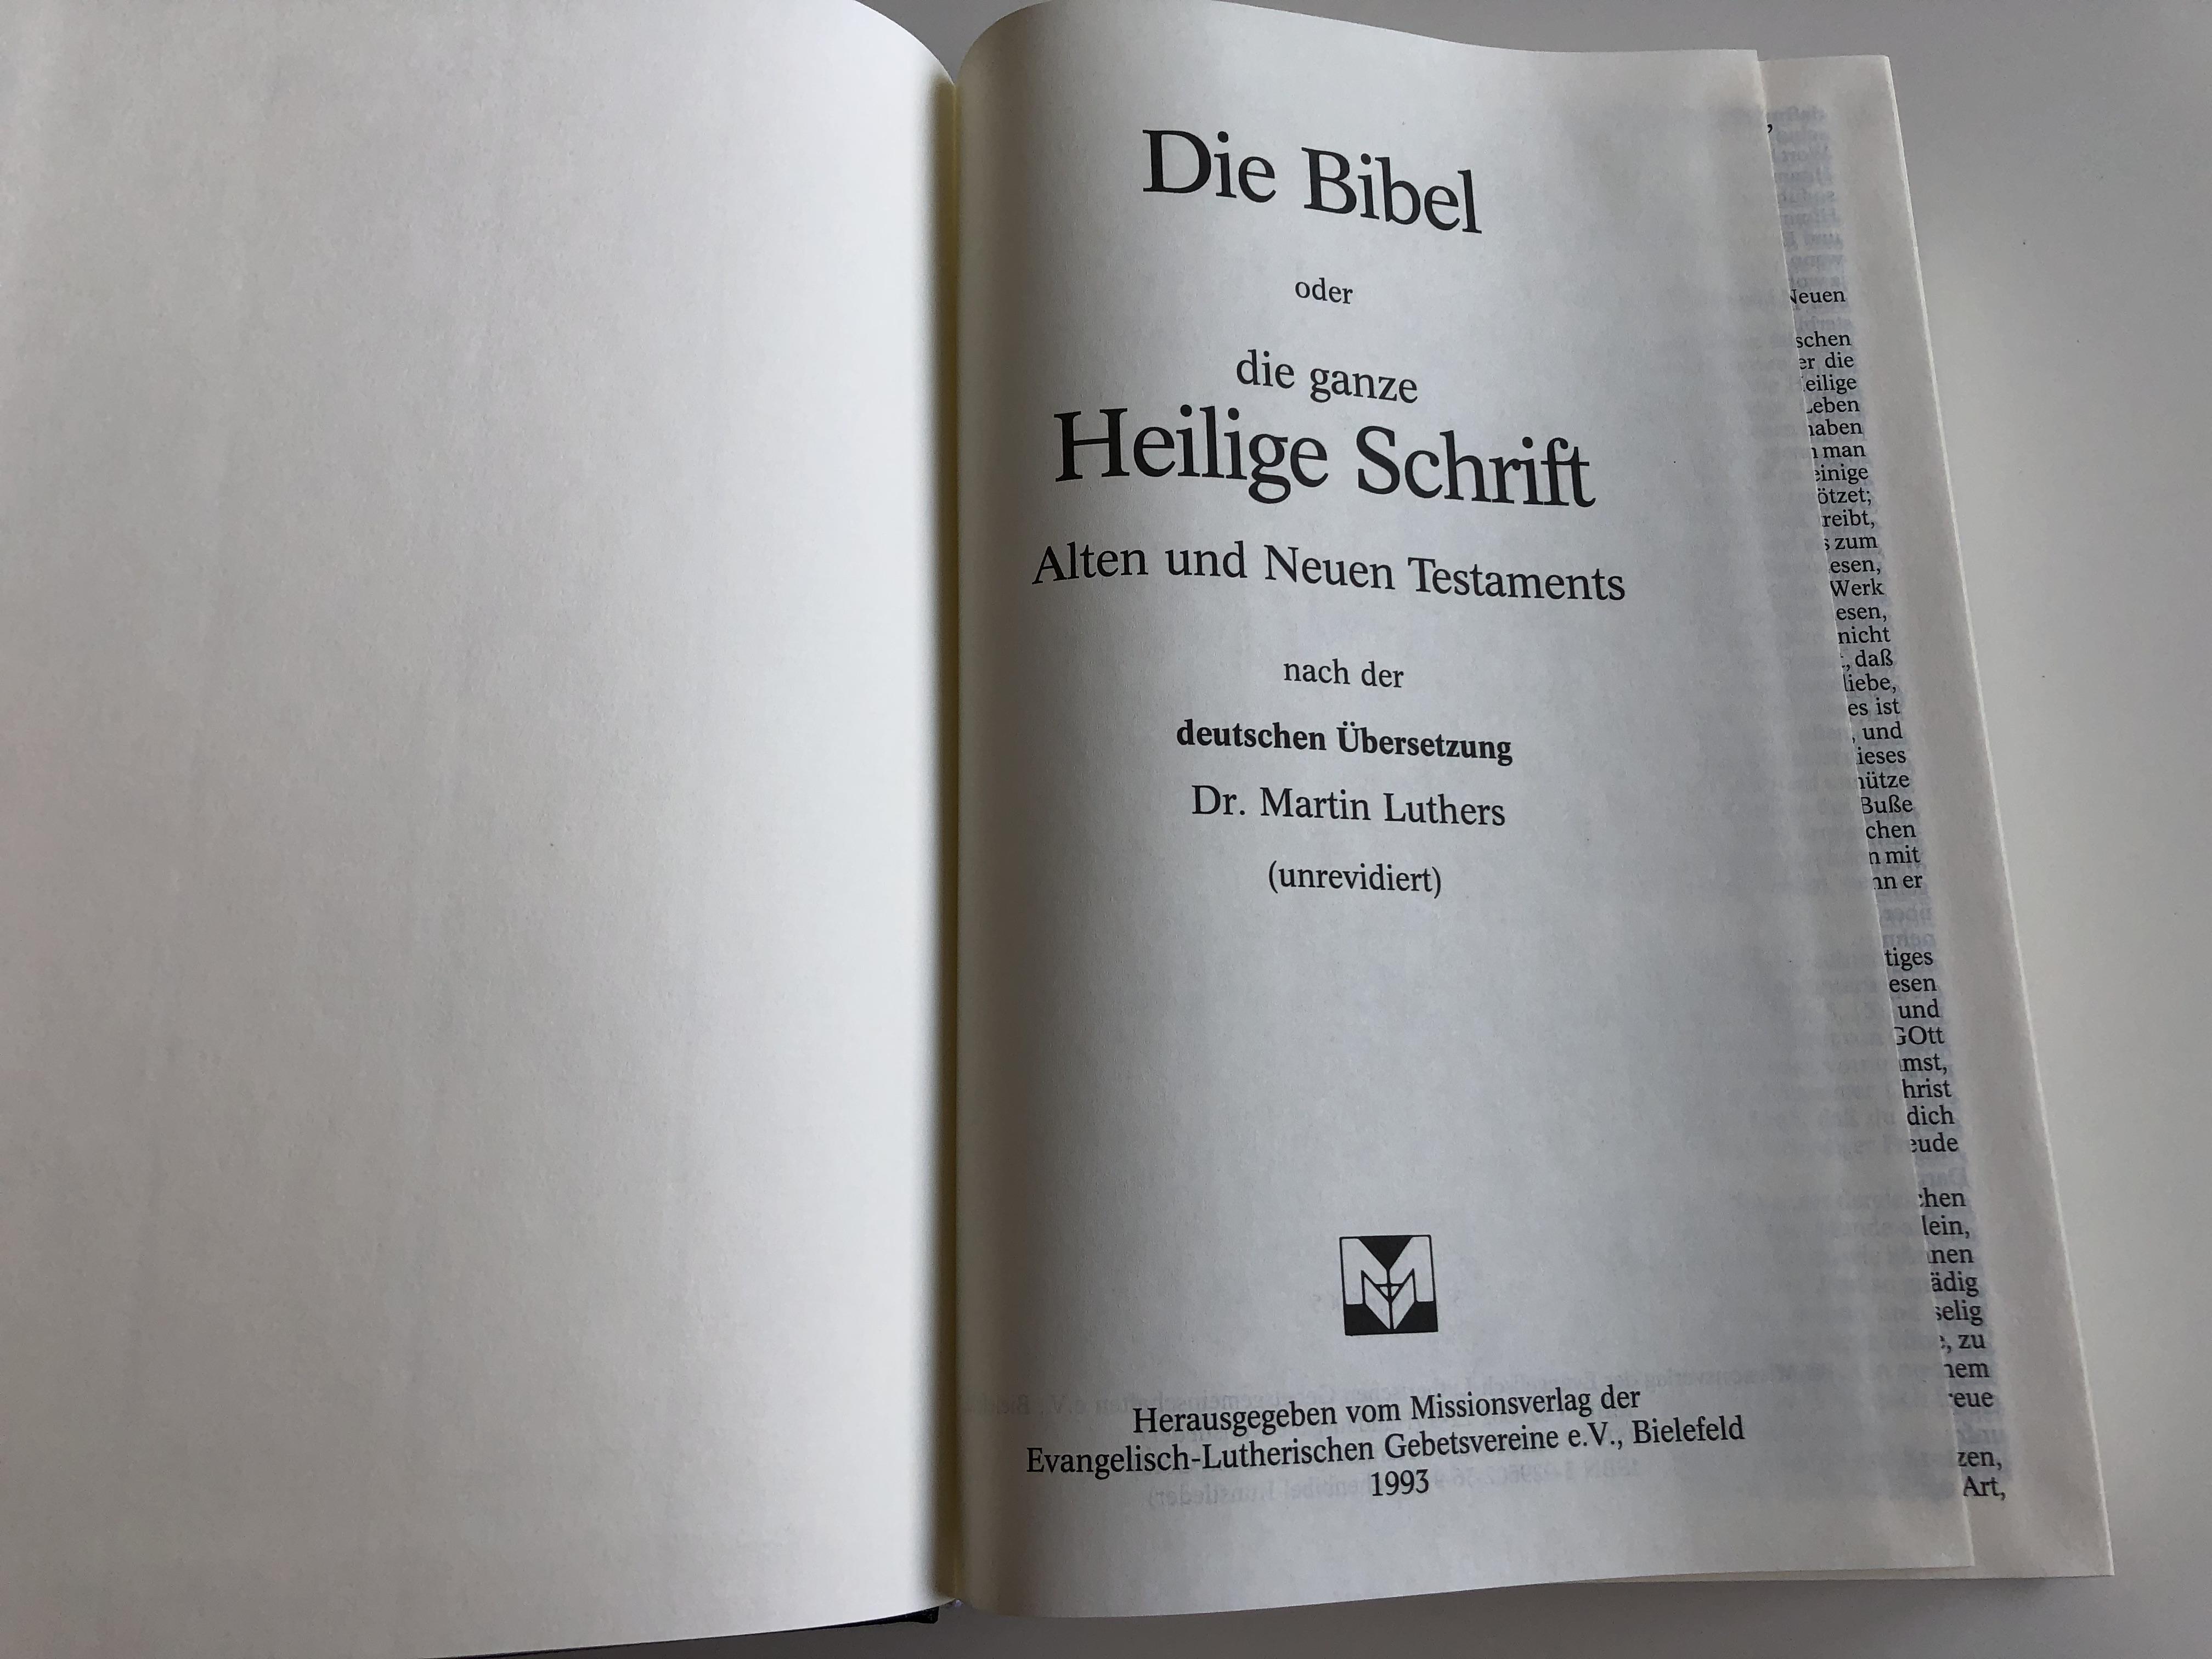 german-bible-die-bibel-die-heilige-schrift-ausgabe-von-1545-6-.jpg